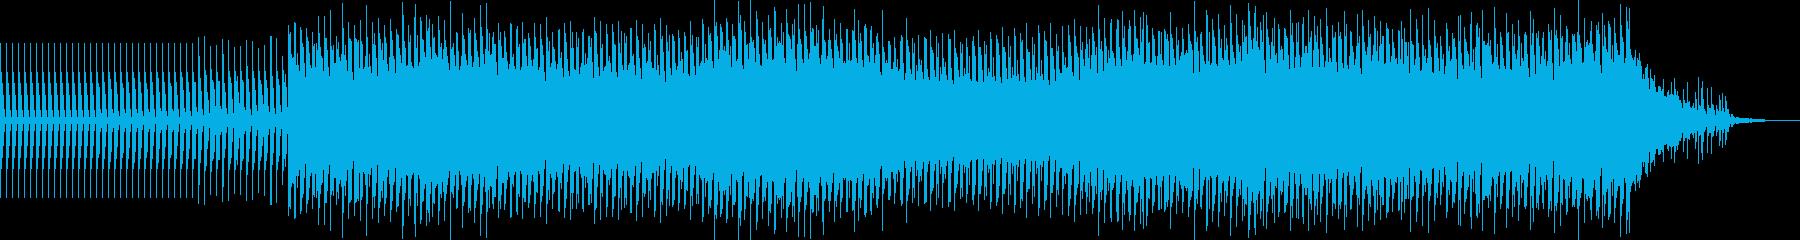 ミニマルテクノ、シンプルで単調なダンス系の再生済みの波形